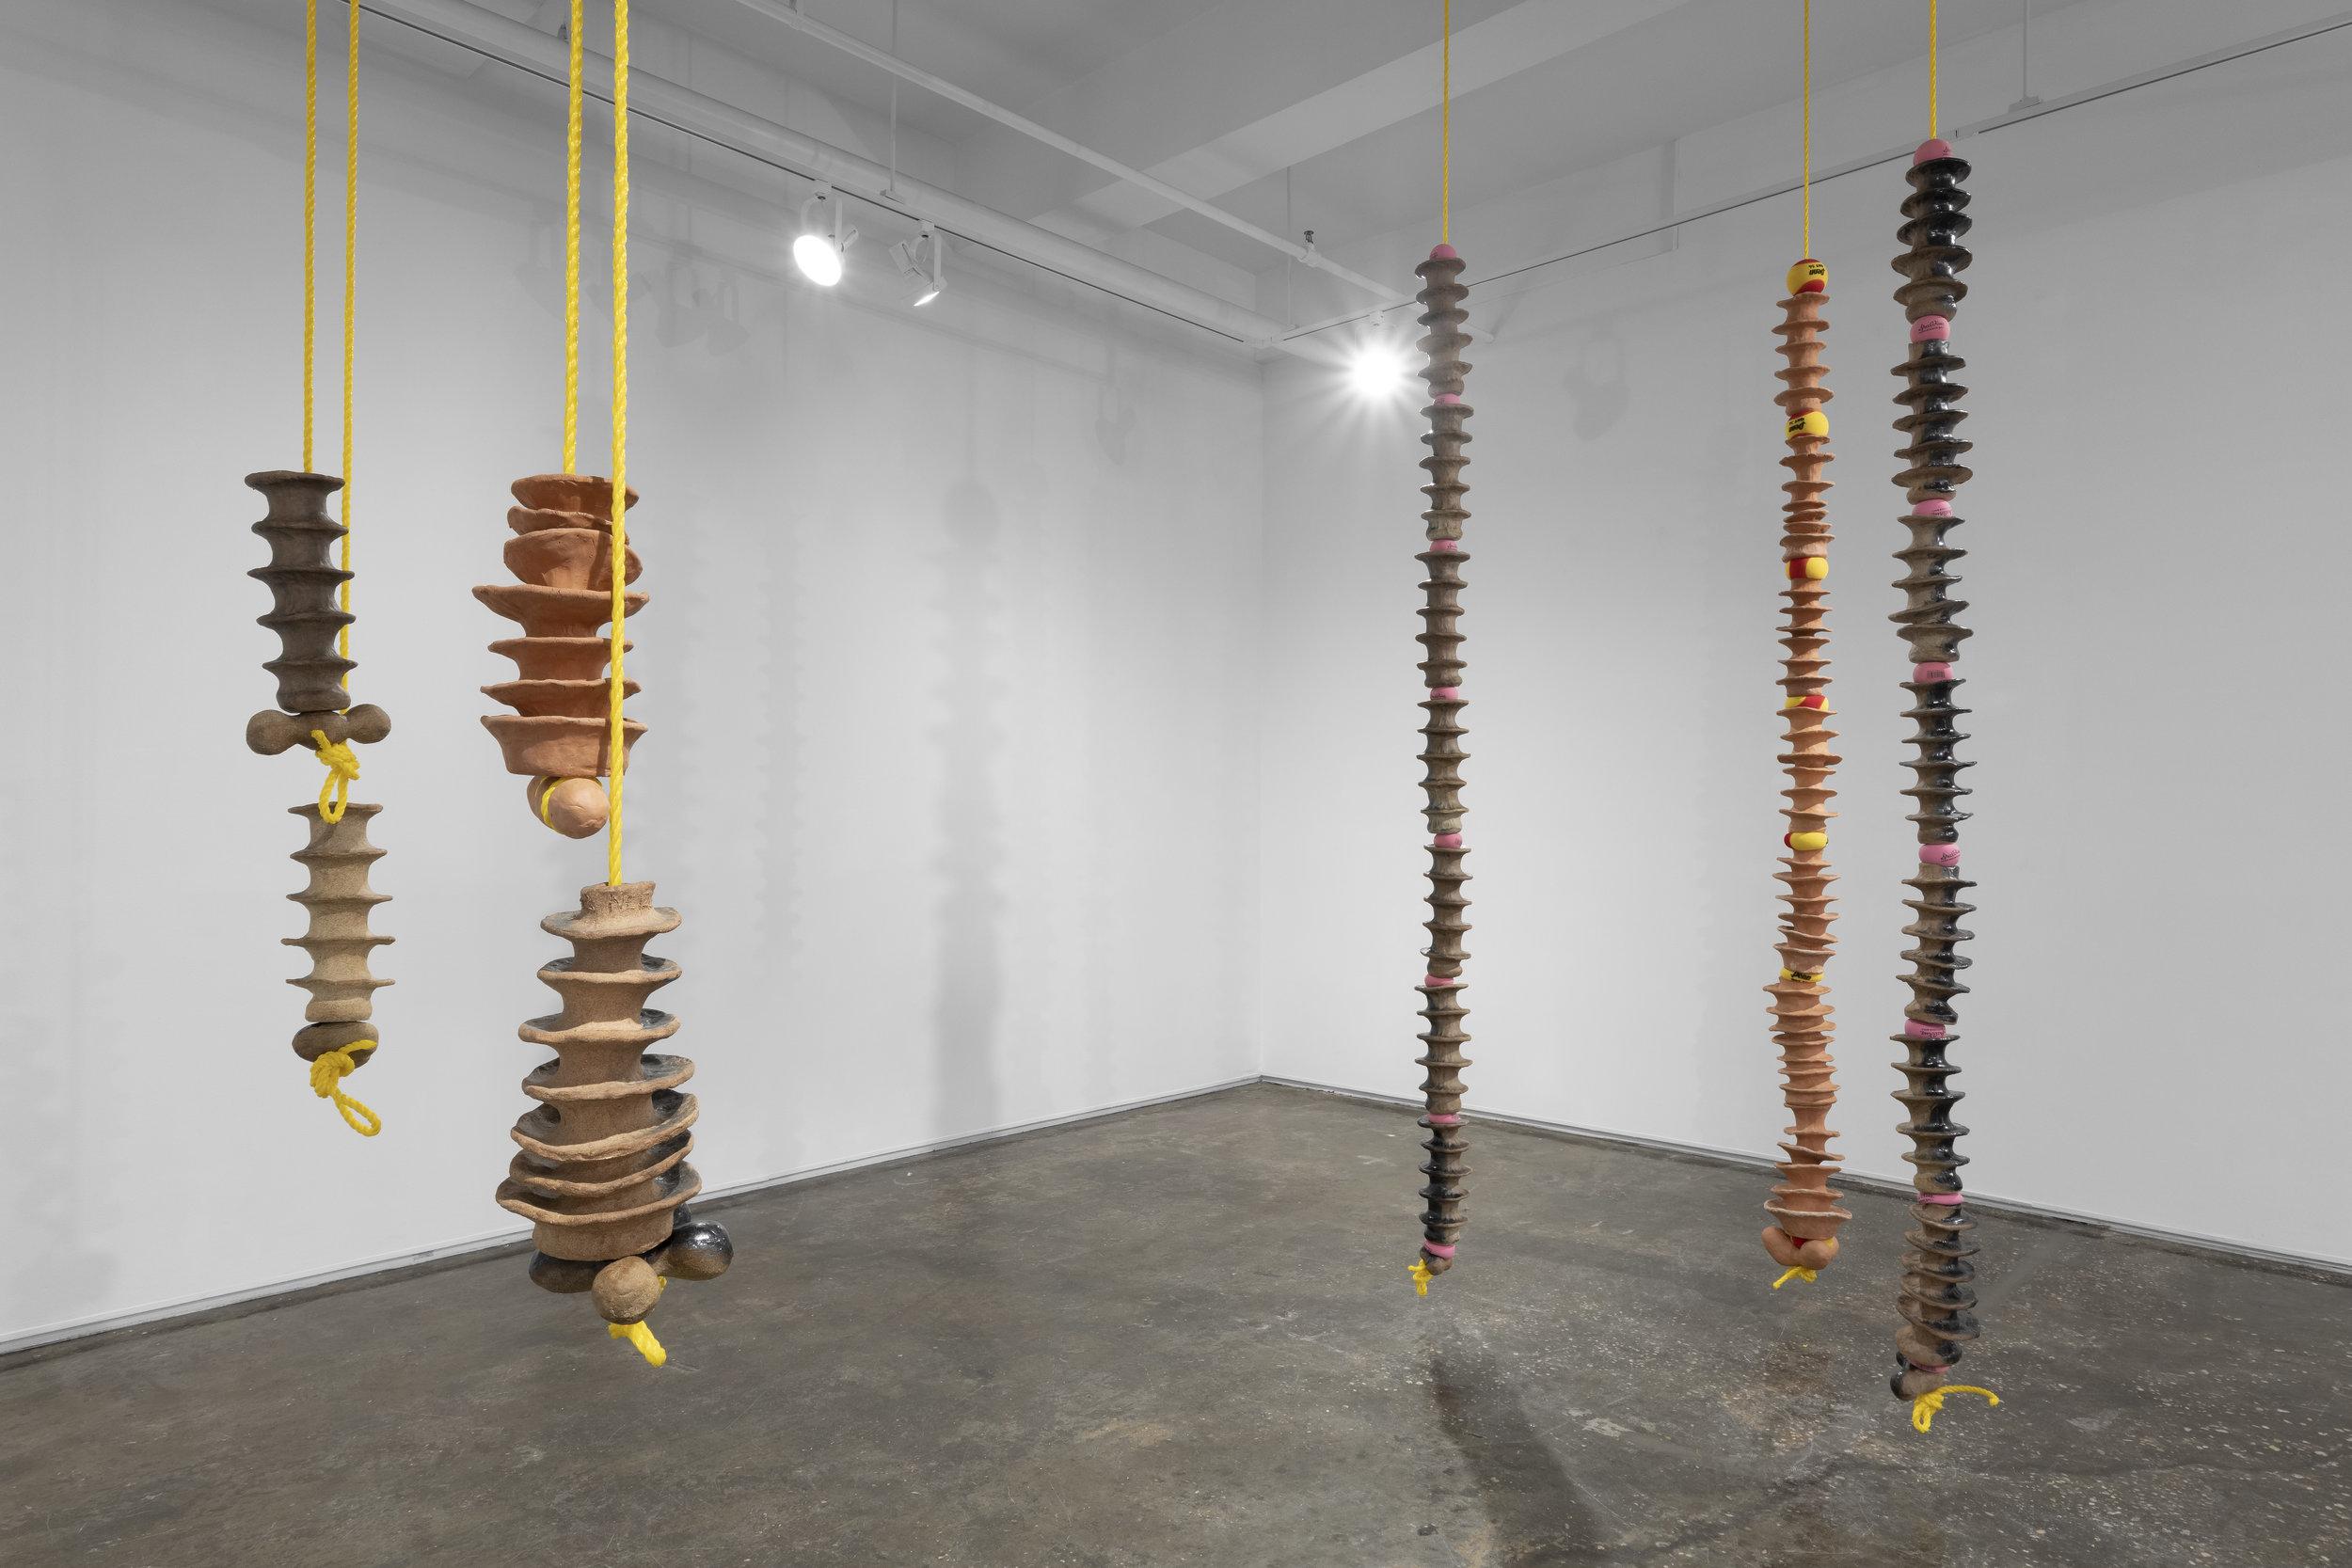 Sylvia Netzer, Virtebrae installation shot by Sebastian Bach